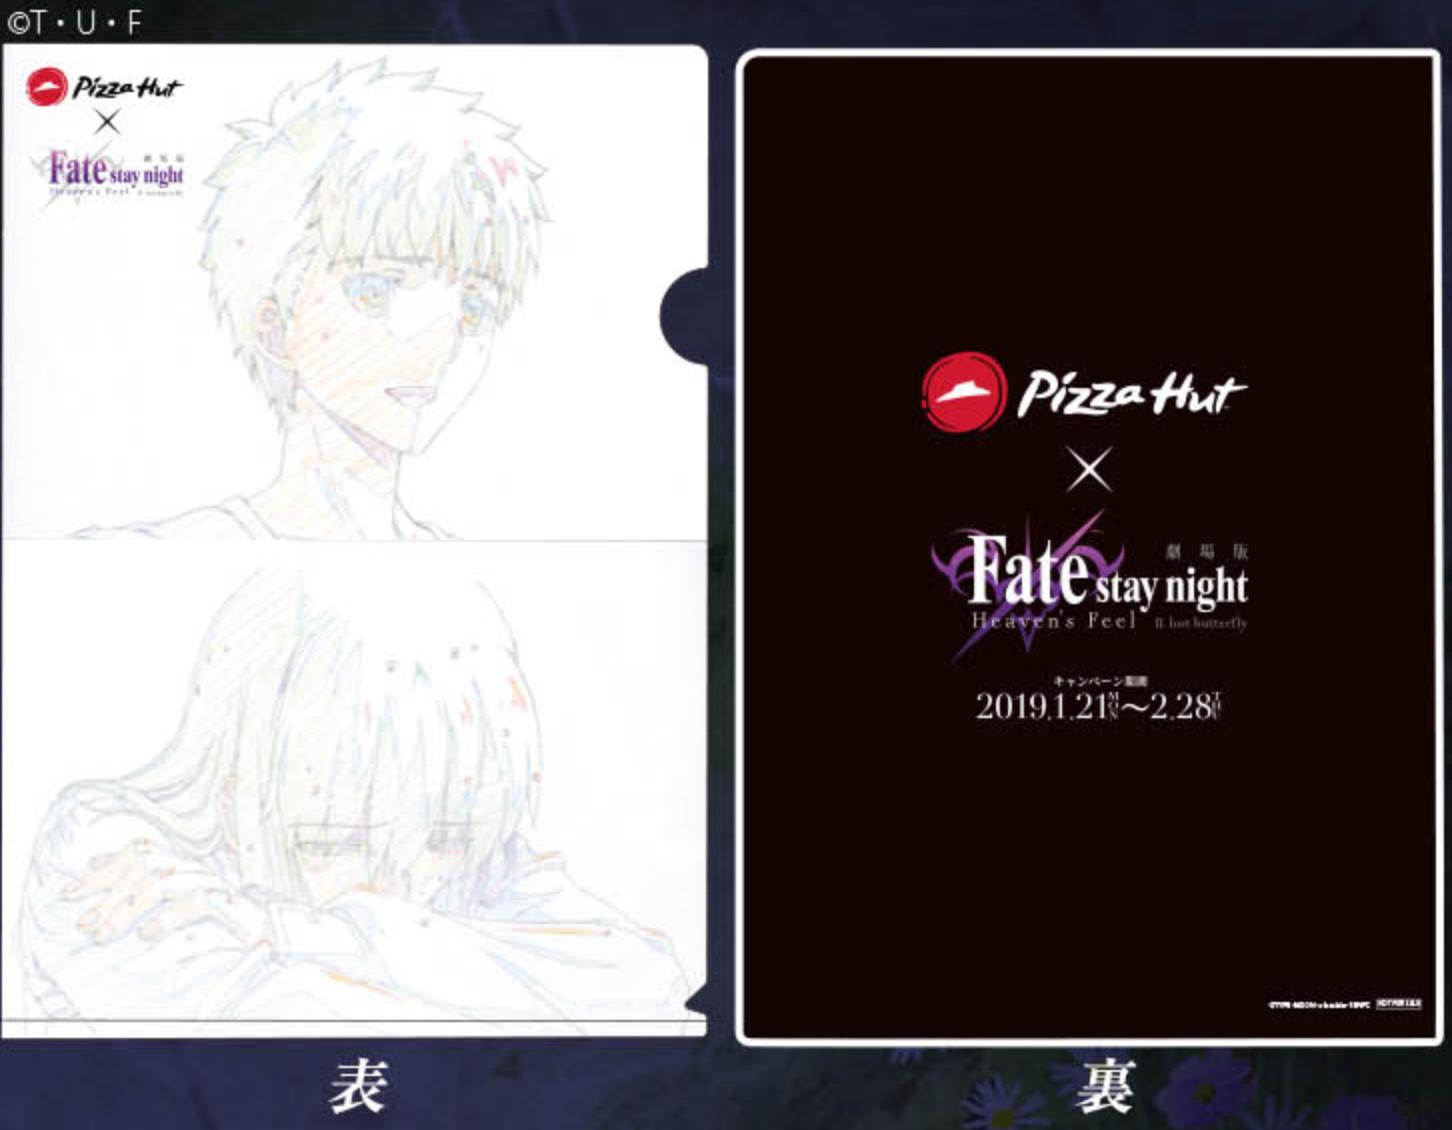 【FGO】ピザハットでfateヘブンズフィールグッズもらったぞ!